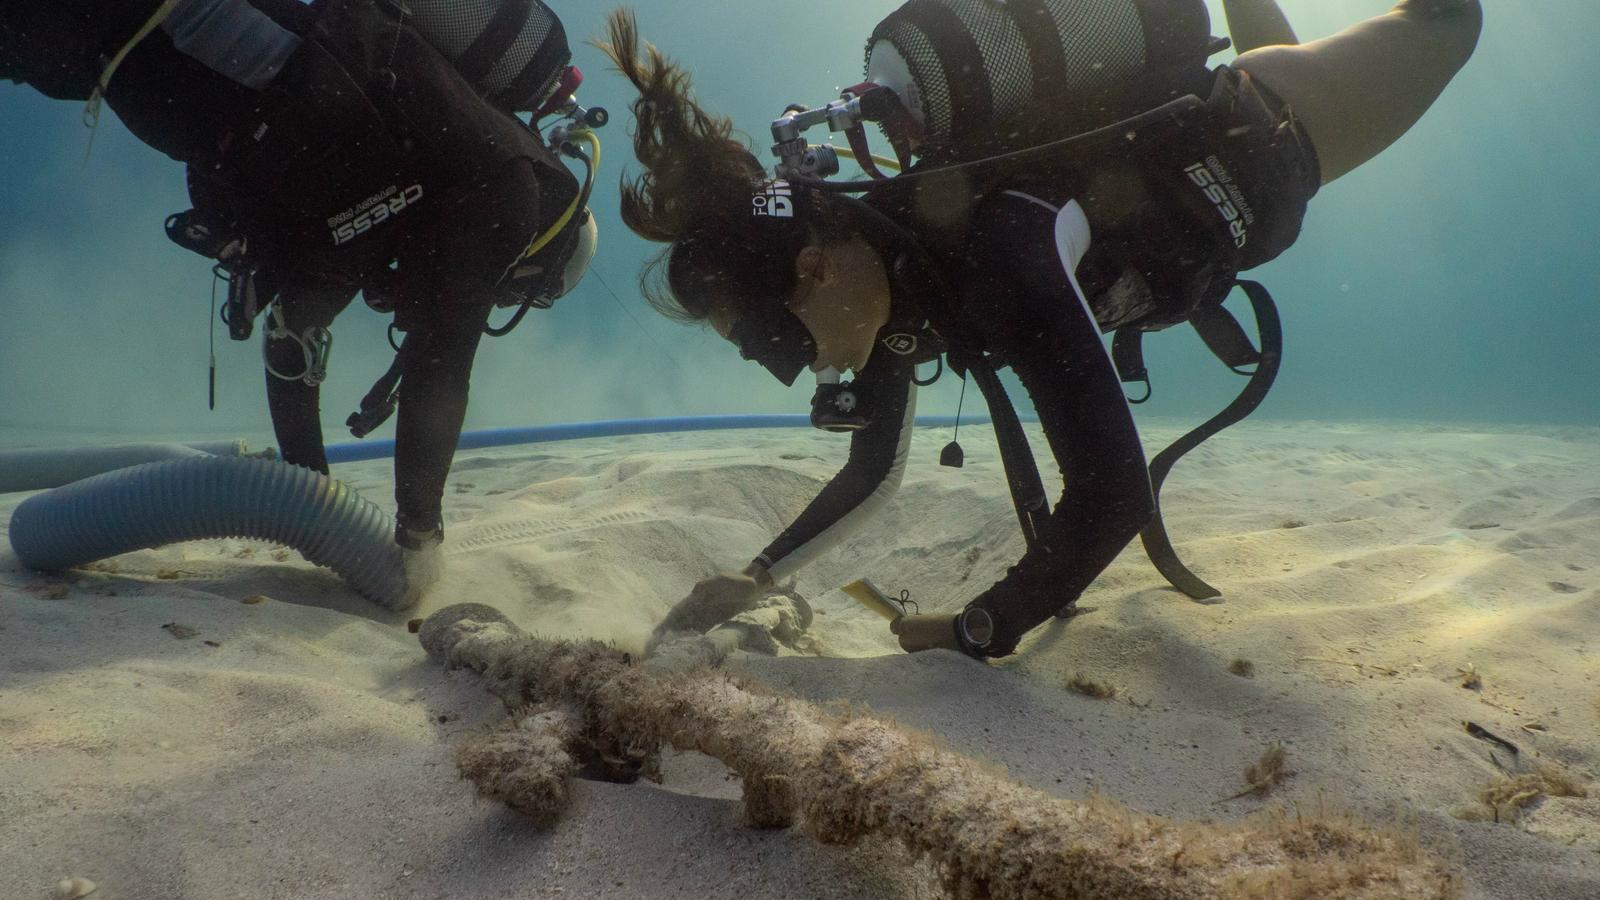 Troben 11 sabres de principis del segle XIX en el fons del mar en es Caló